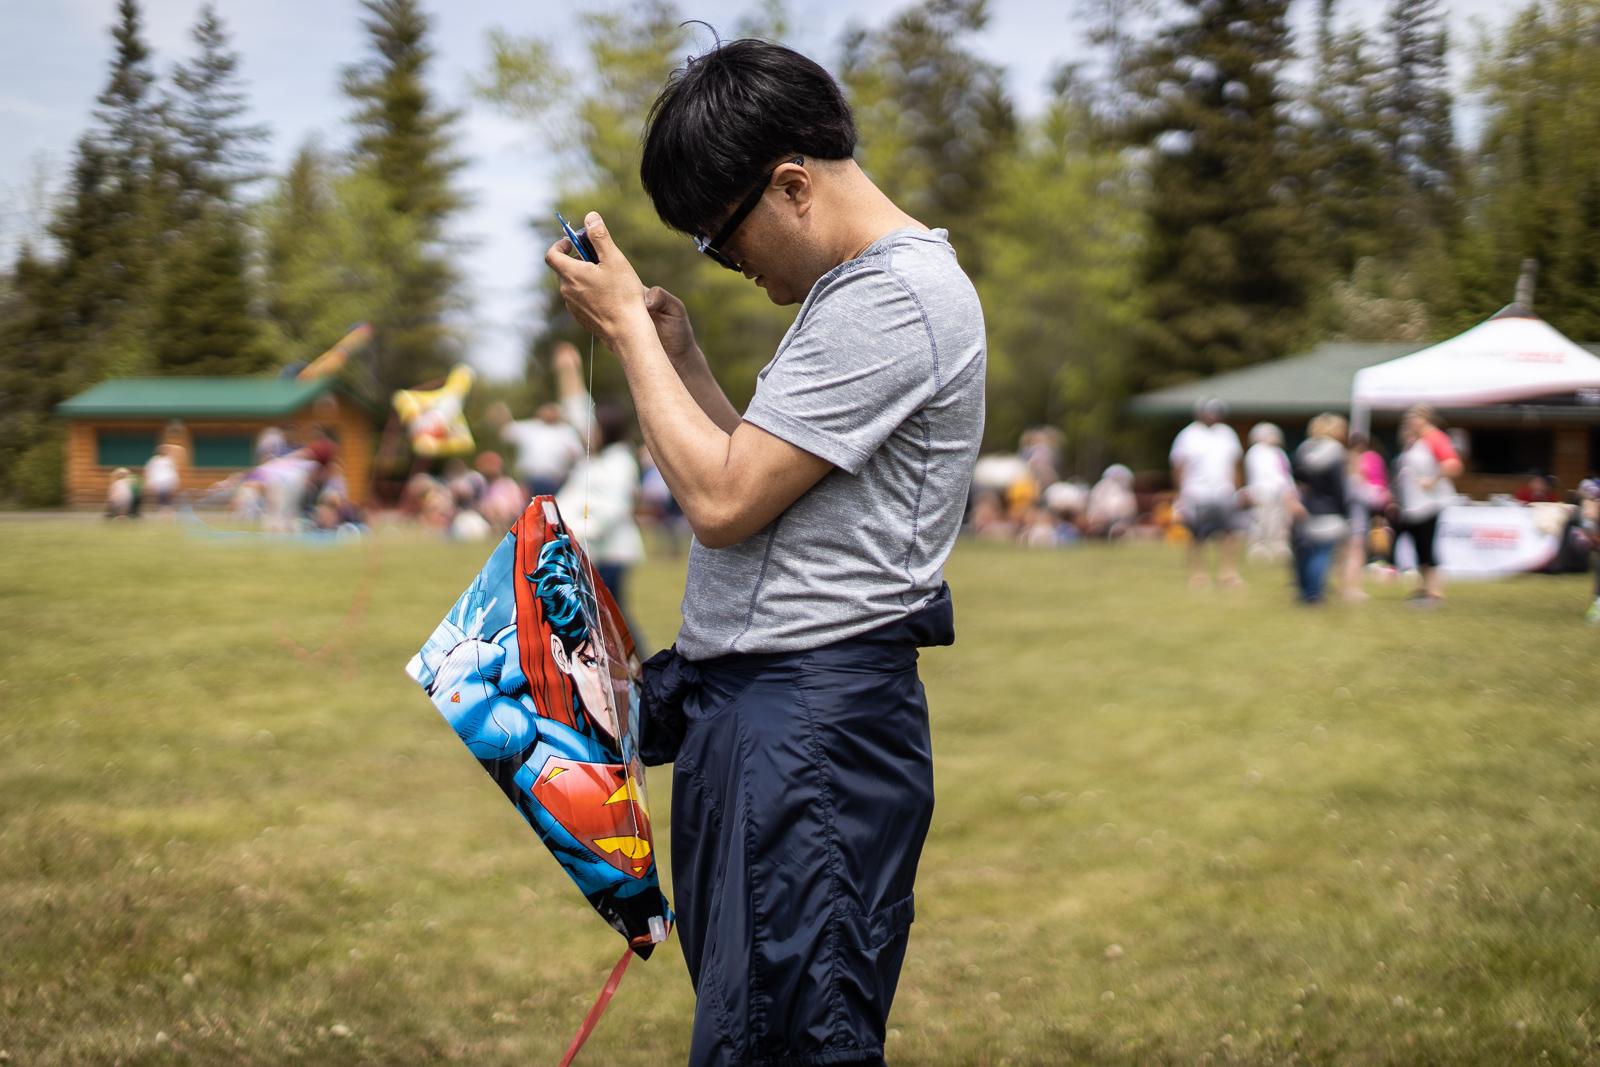 kite-festival-2019-blog-6.jpg